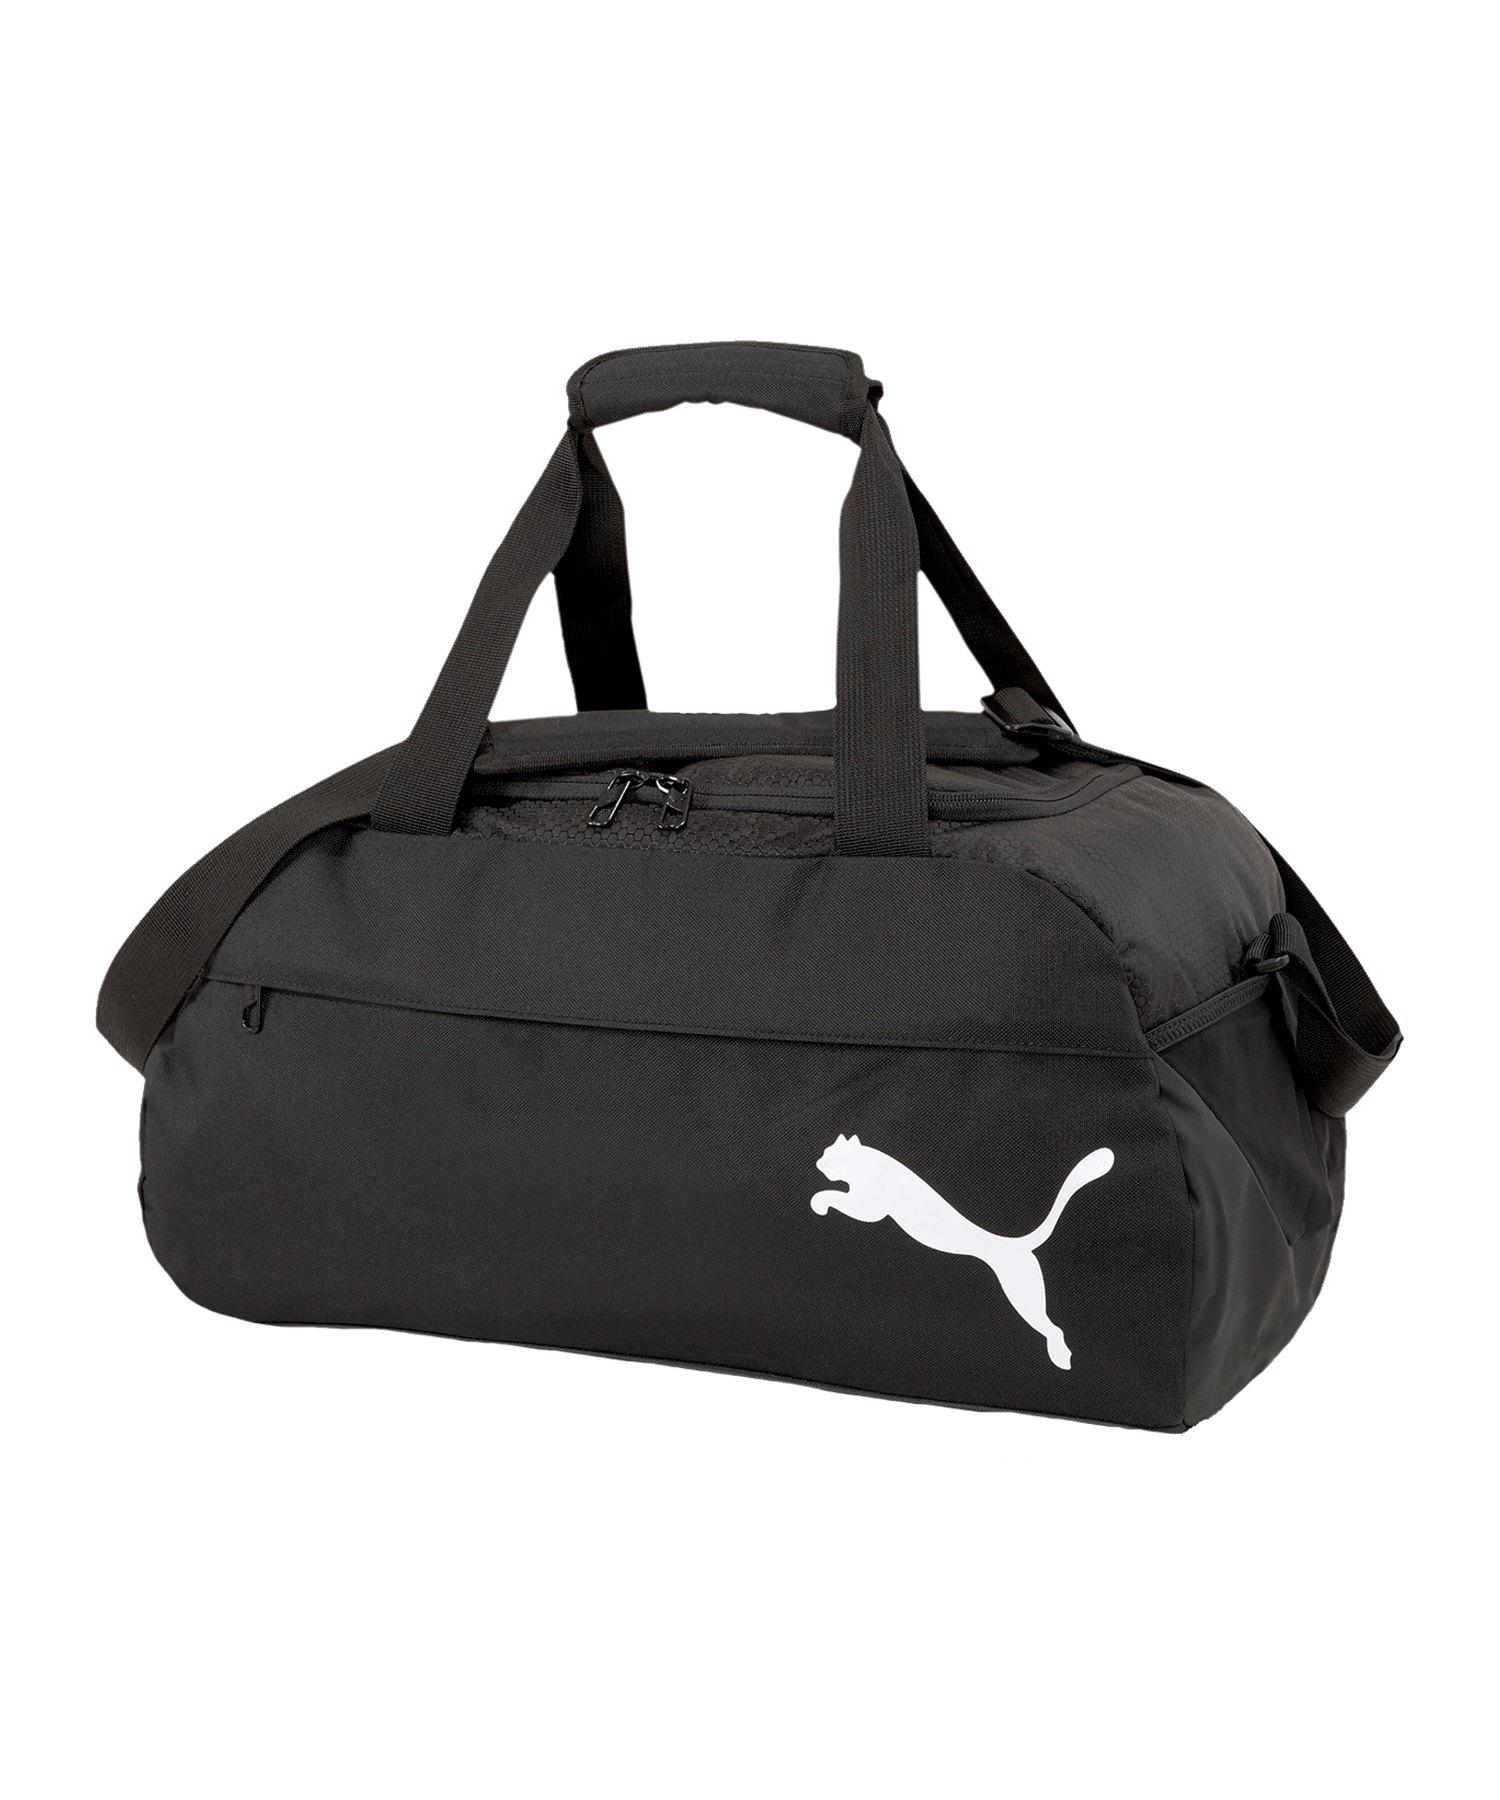 PUMA teamFINAL 21 Teambag Sporttasche Gr. S F03 - schwarz